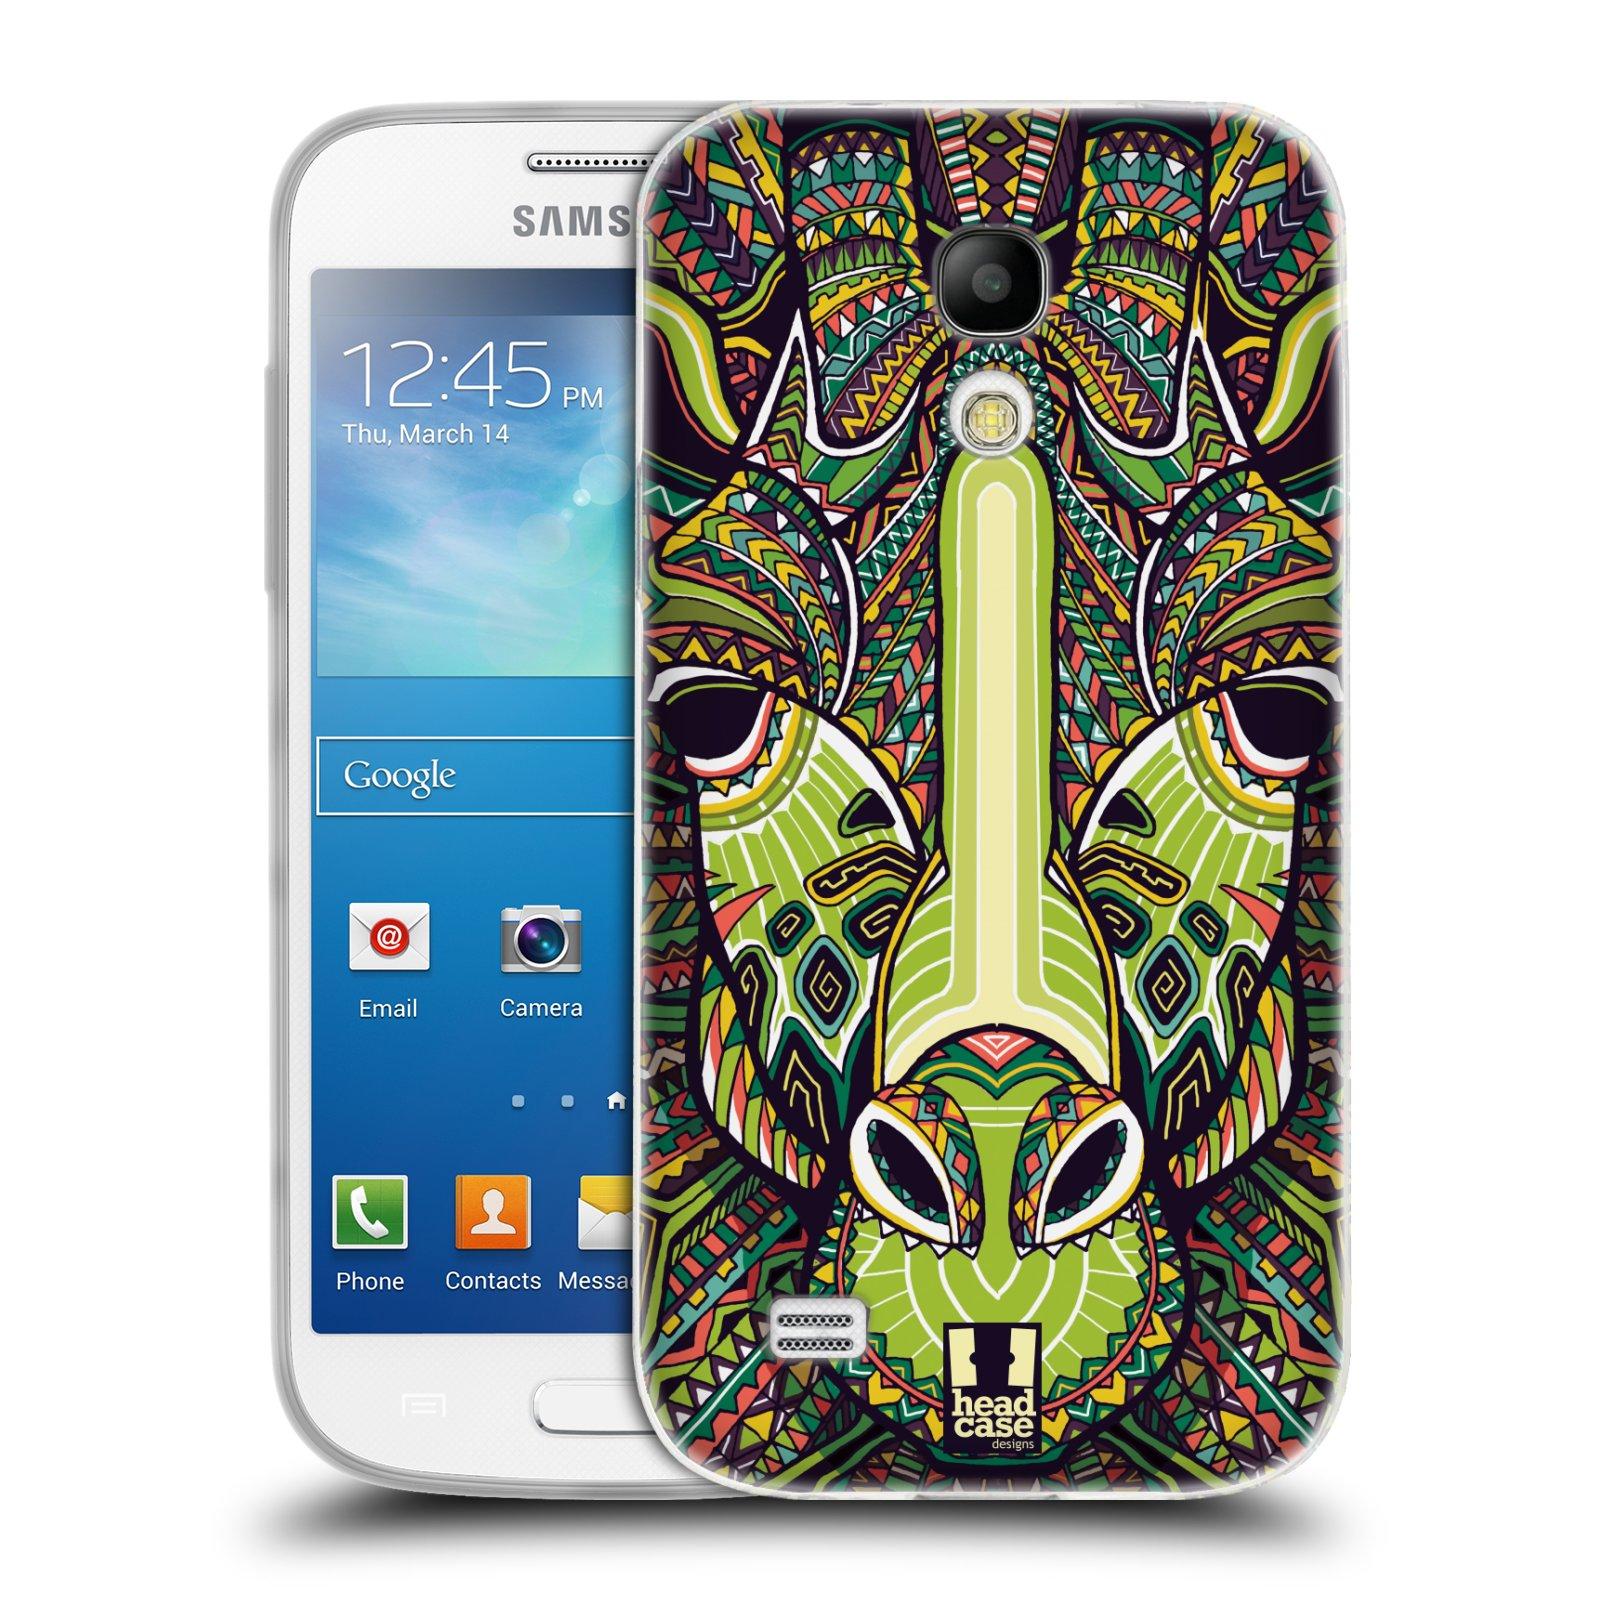 Silikonové pouzdro na mobil Samsung Galaxy S4 Mini HEAD CASE AZTEC ŽIRAFA (Silikonový kryt či obal na mobilní telefon Samsung Galaxy S4 Mini GT-i9195 / i9190 (nepasuje na verzi Black Edition))